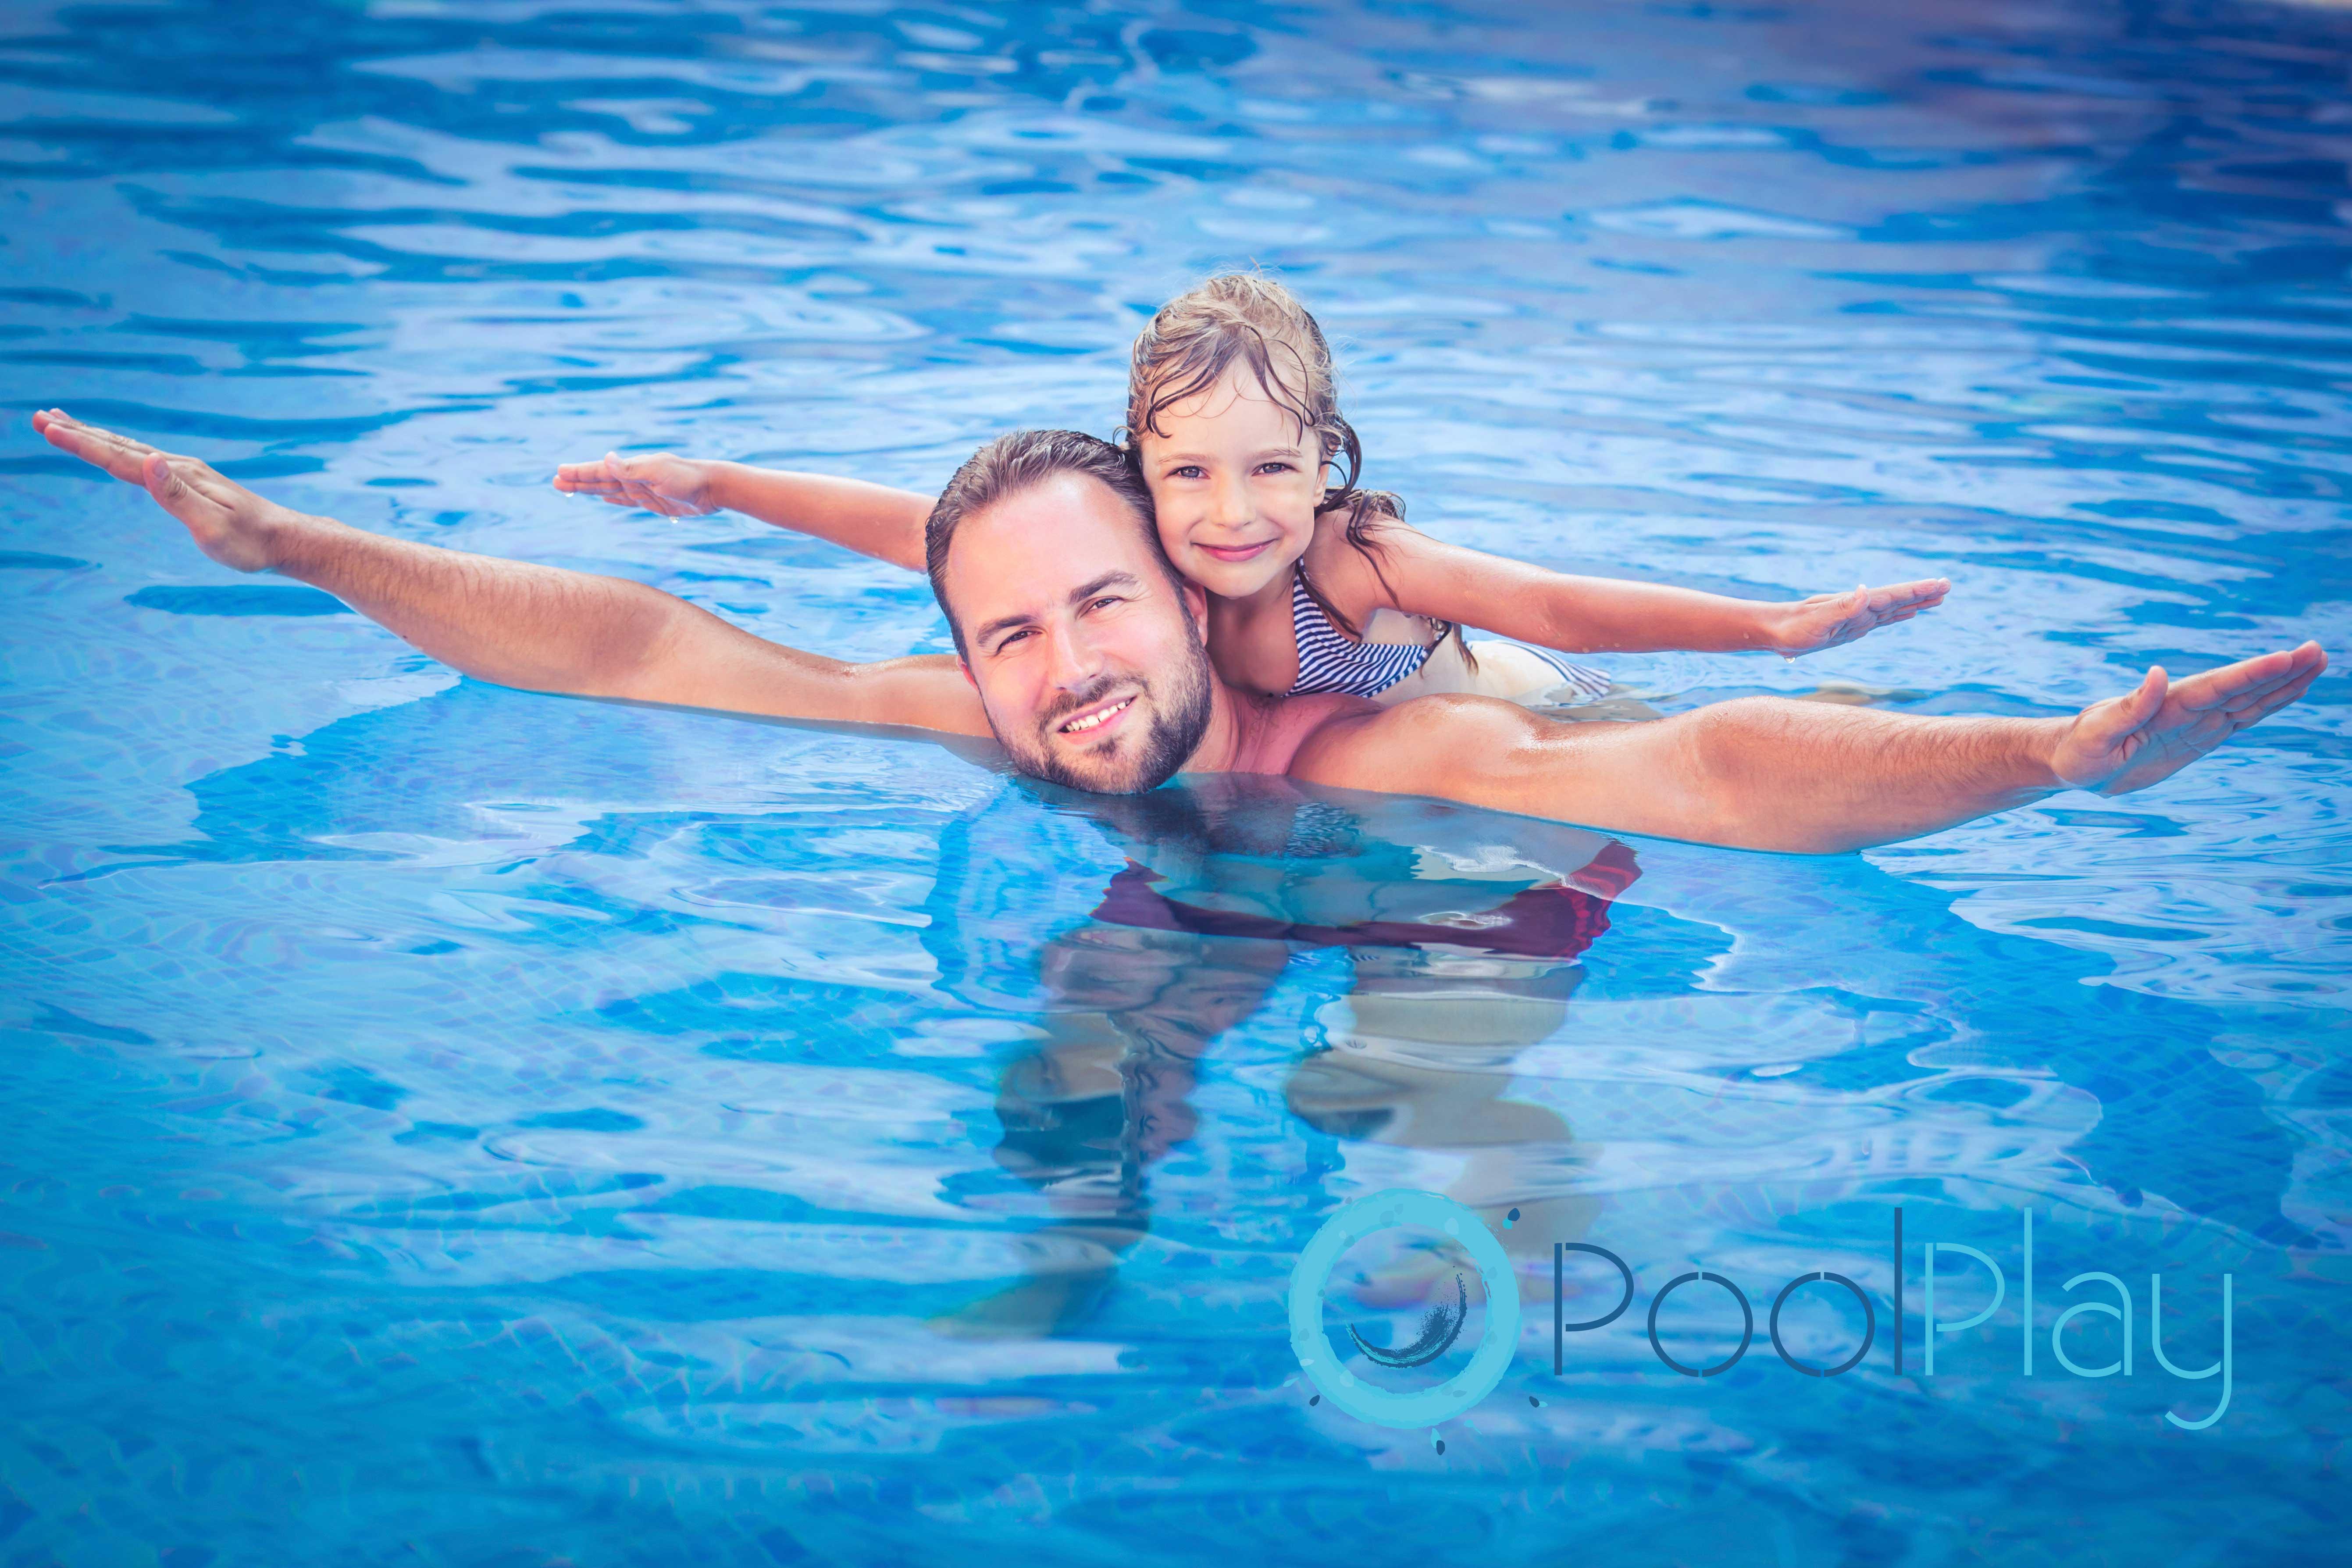 Descubre cómo eliminar y prevenir el agua verde de la piscina siguiendo los consejo de PoolPLay